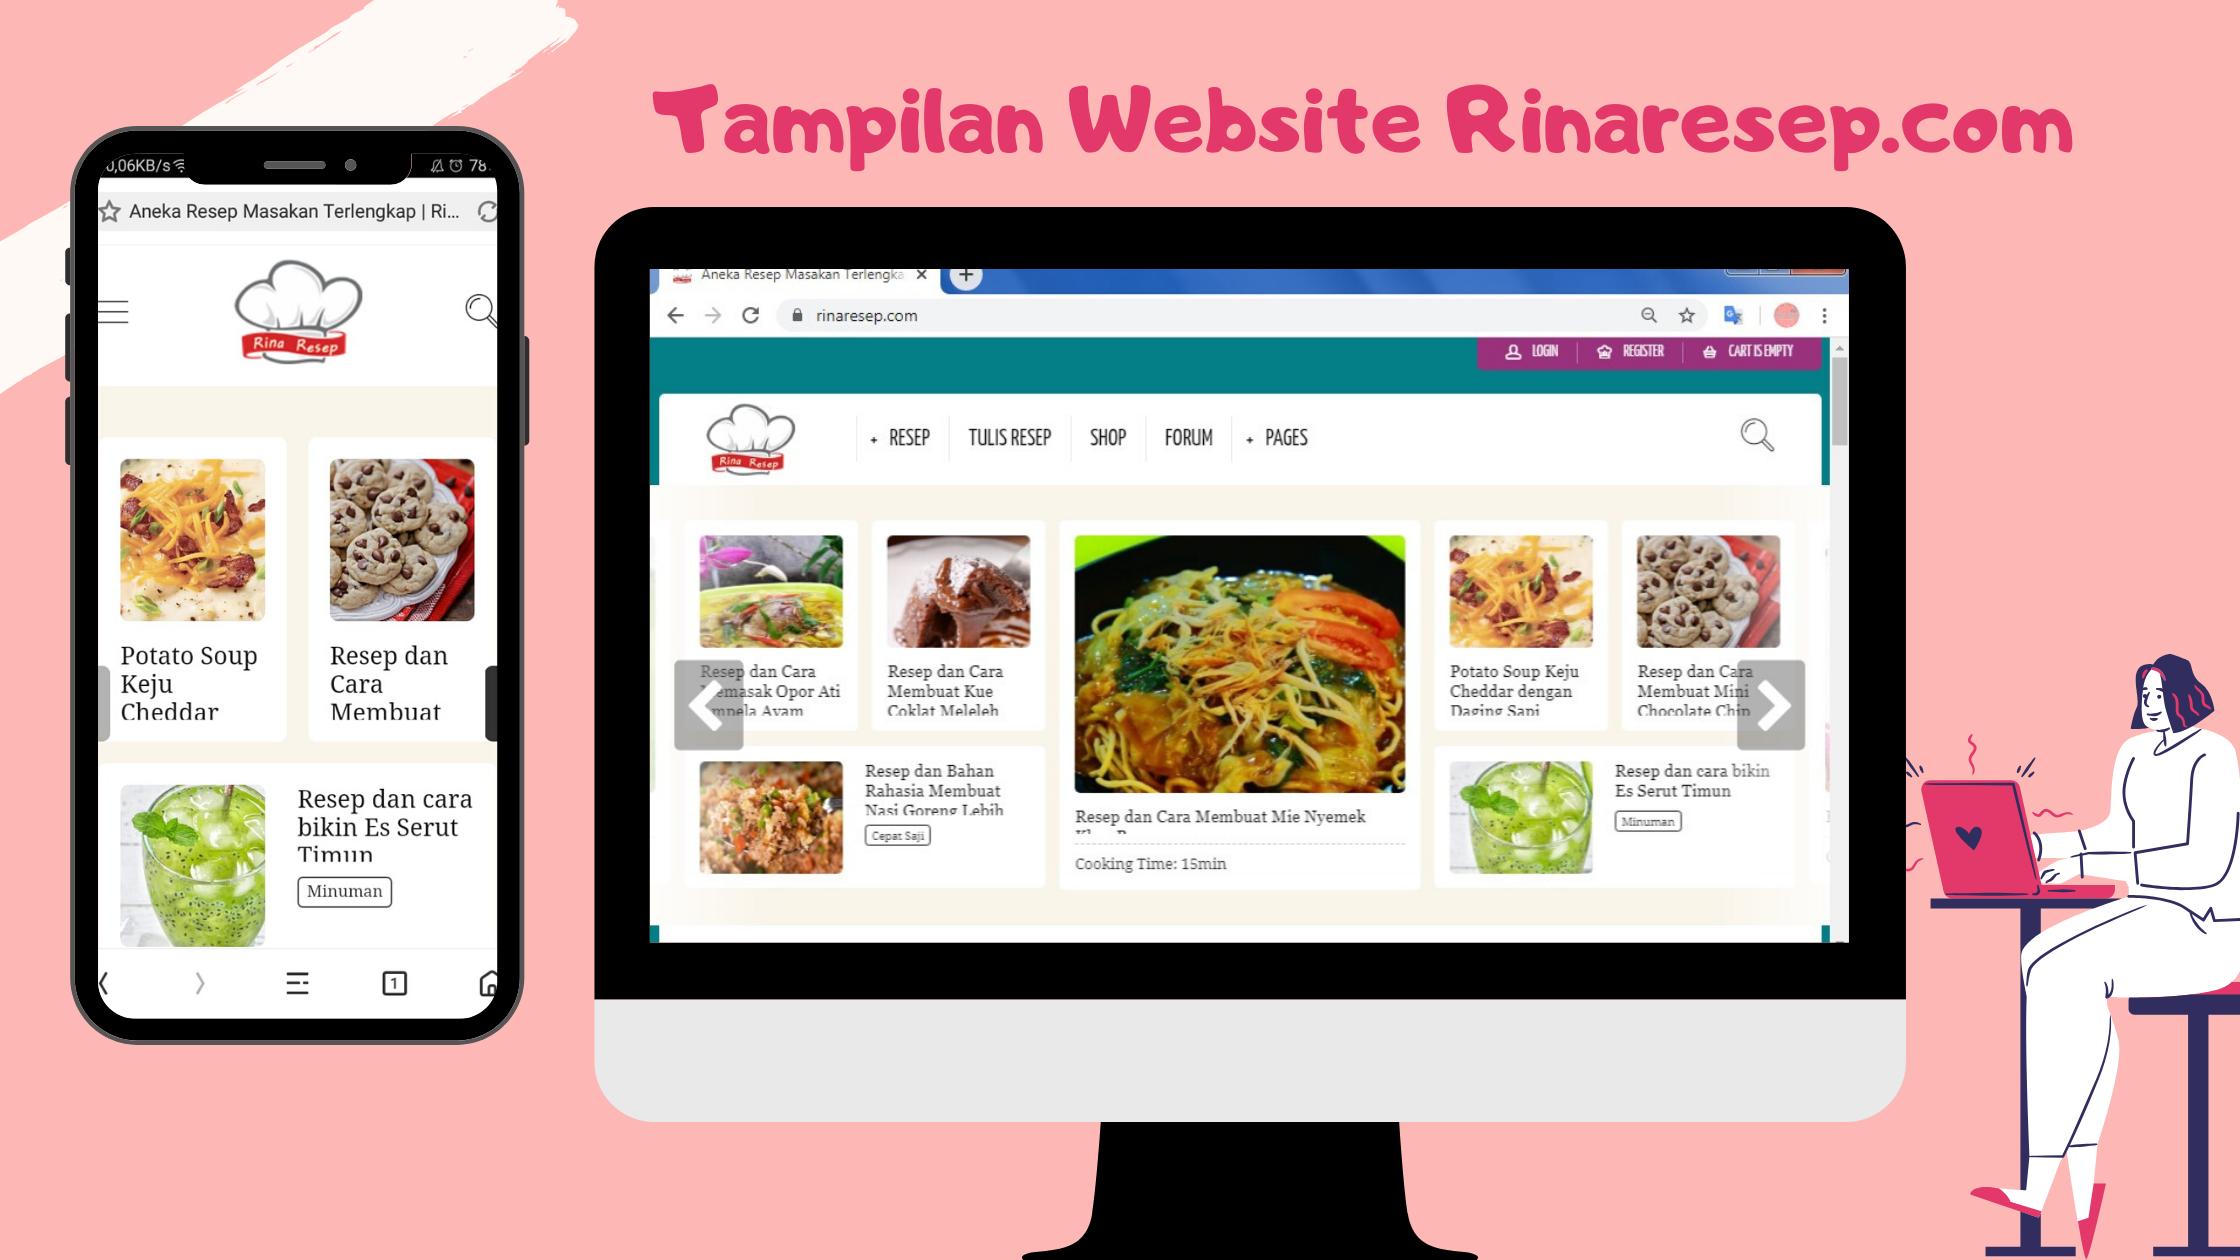 tempilan resep masakan rinaresep.com